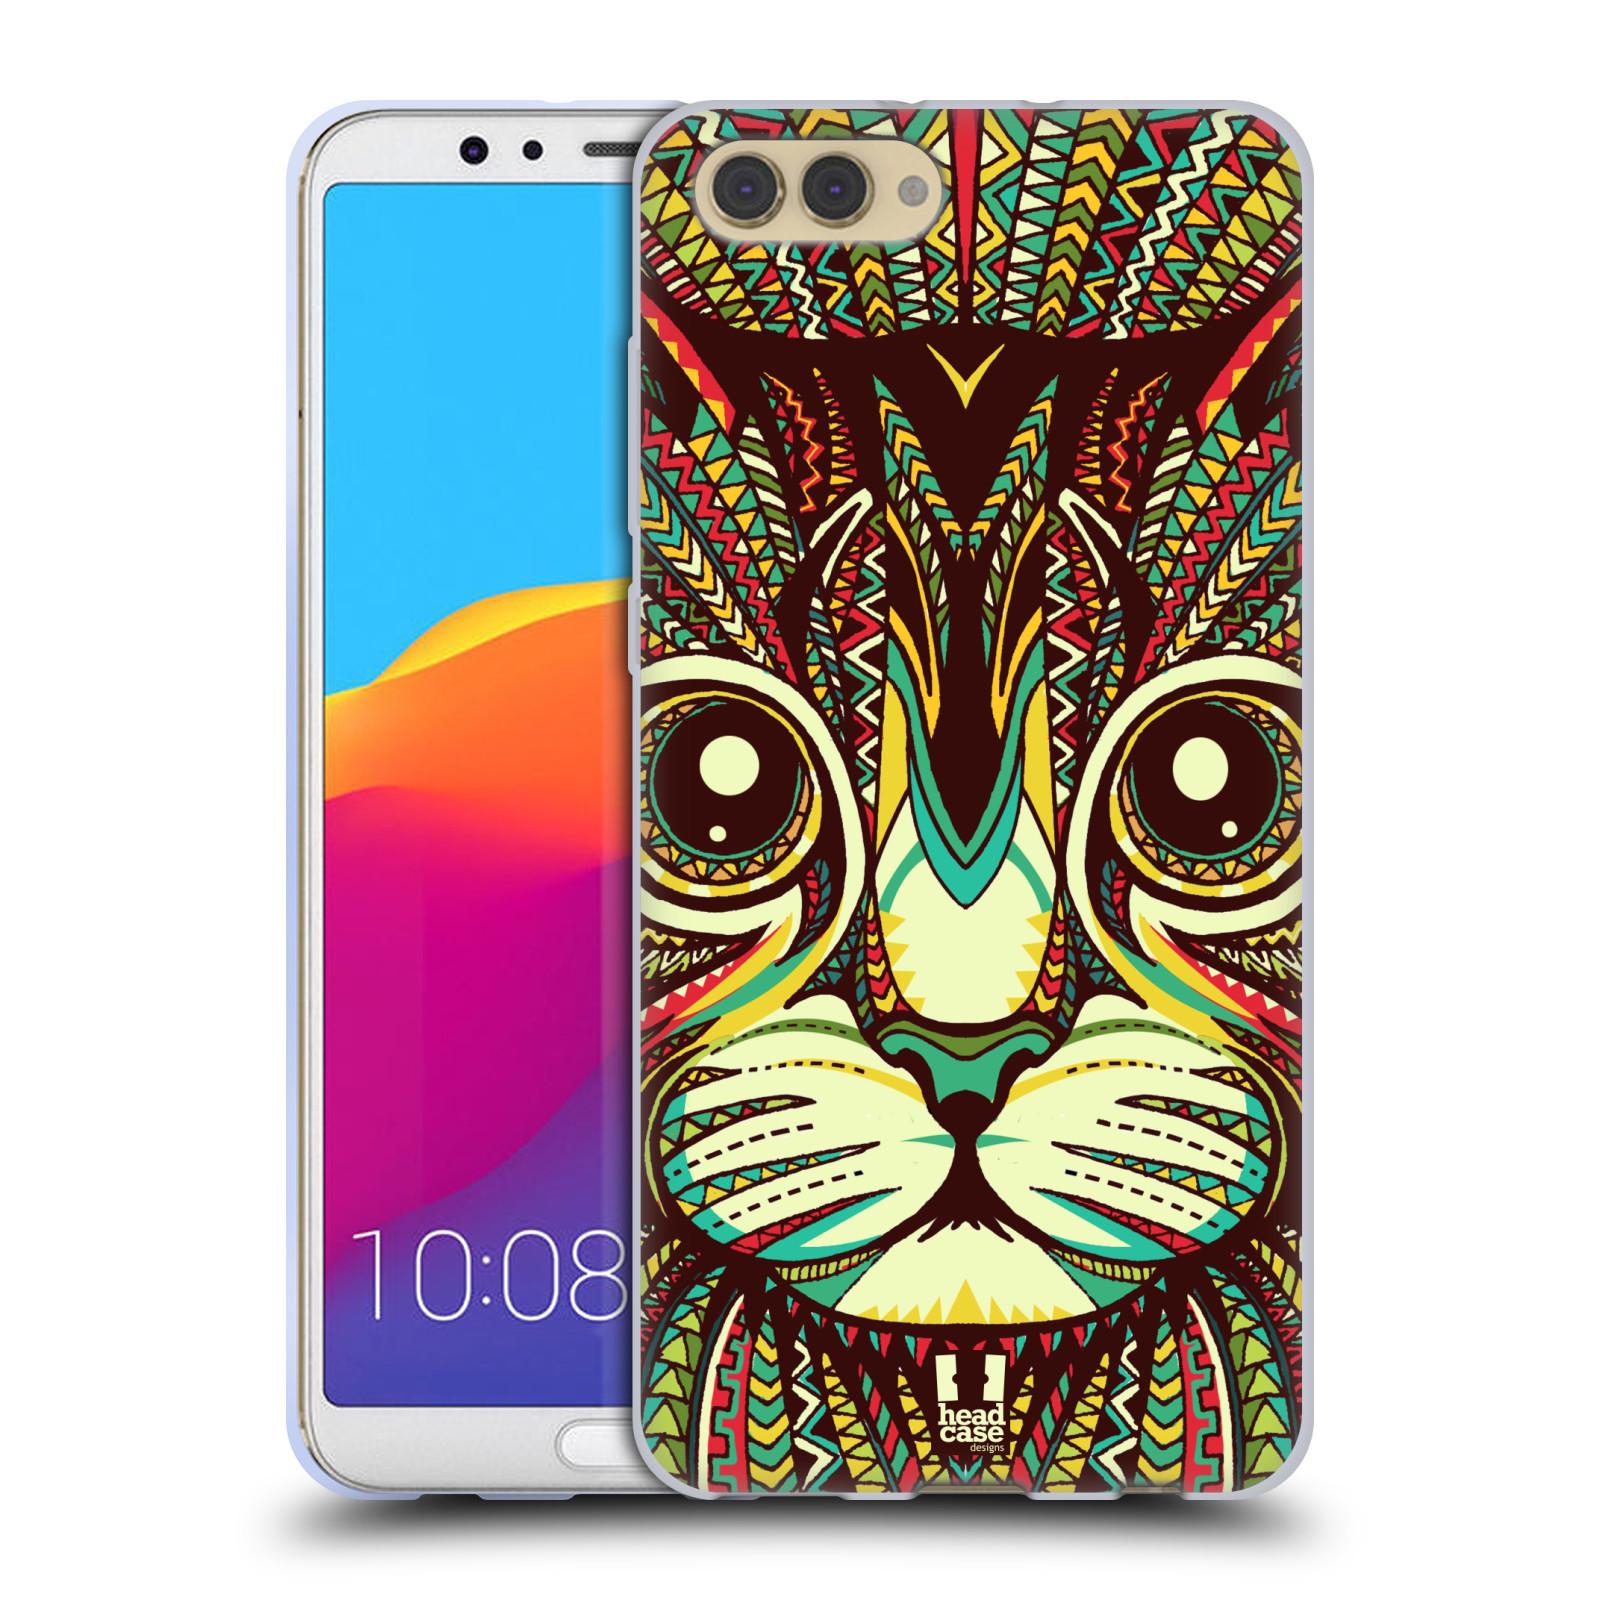 Silikonové pouzdro na mobil Honor View 10 - Head Case - AZTEC KOČKA